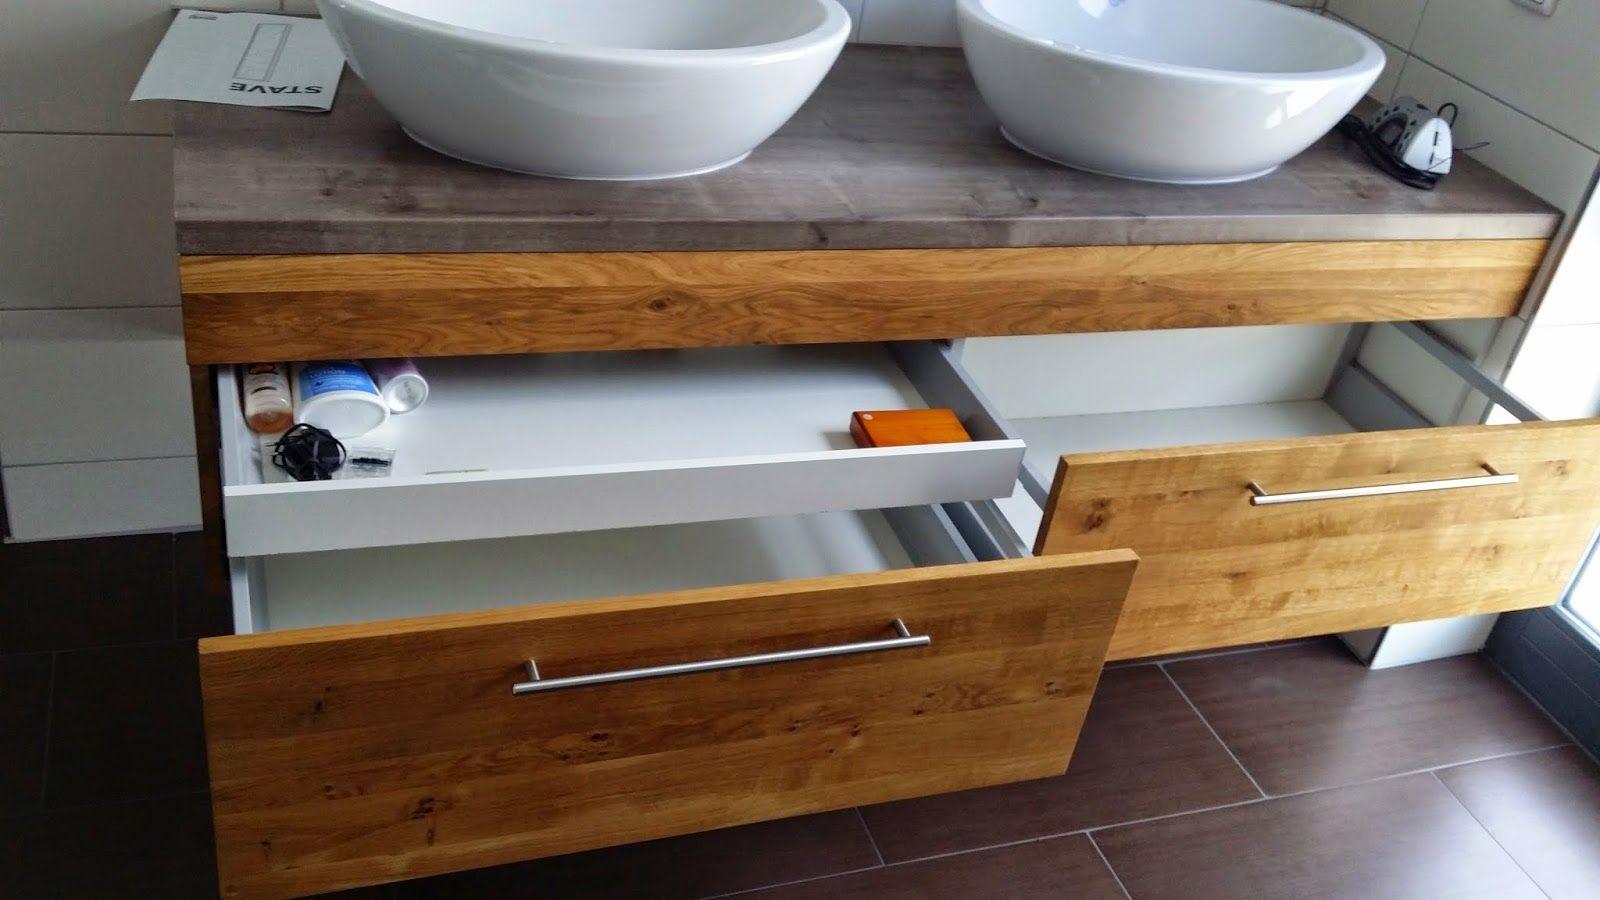 Ein Blog Uber Den Bau Unseres Einfamilienhauses Baublog Hausbau Prohaus Waschtisch Selber Bauen Pro Haus Waschtisch